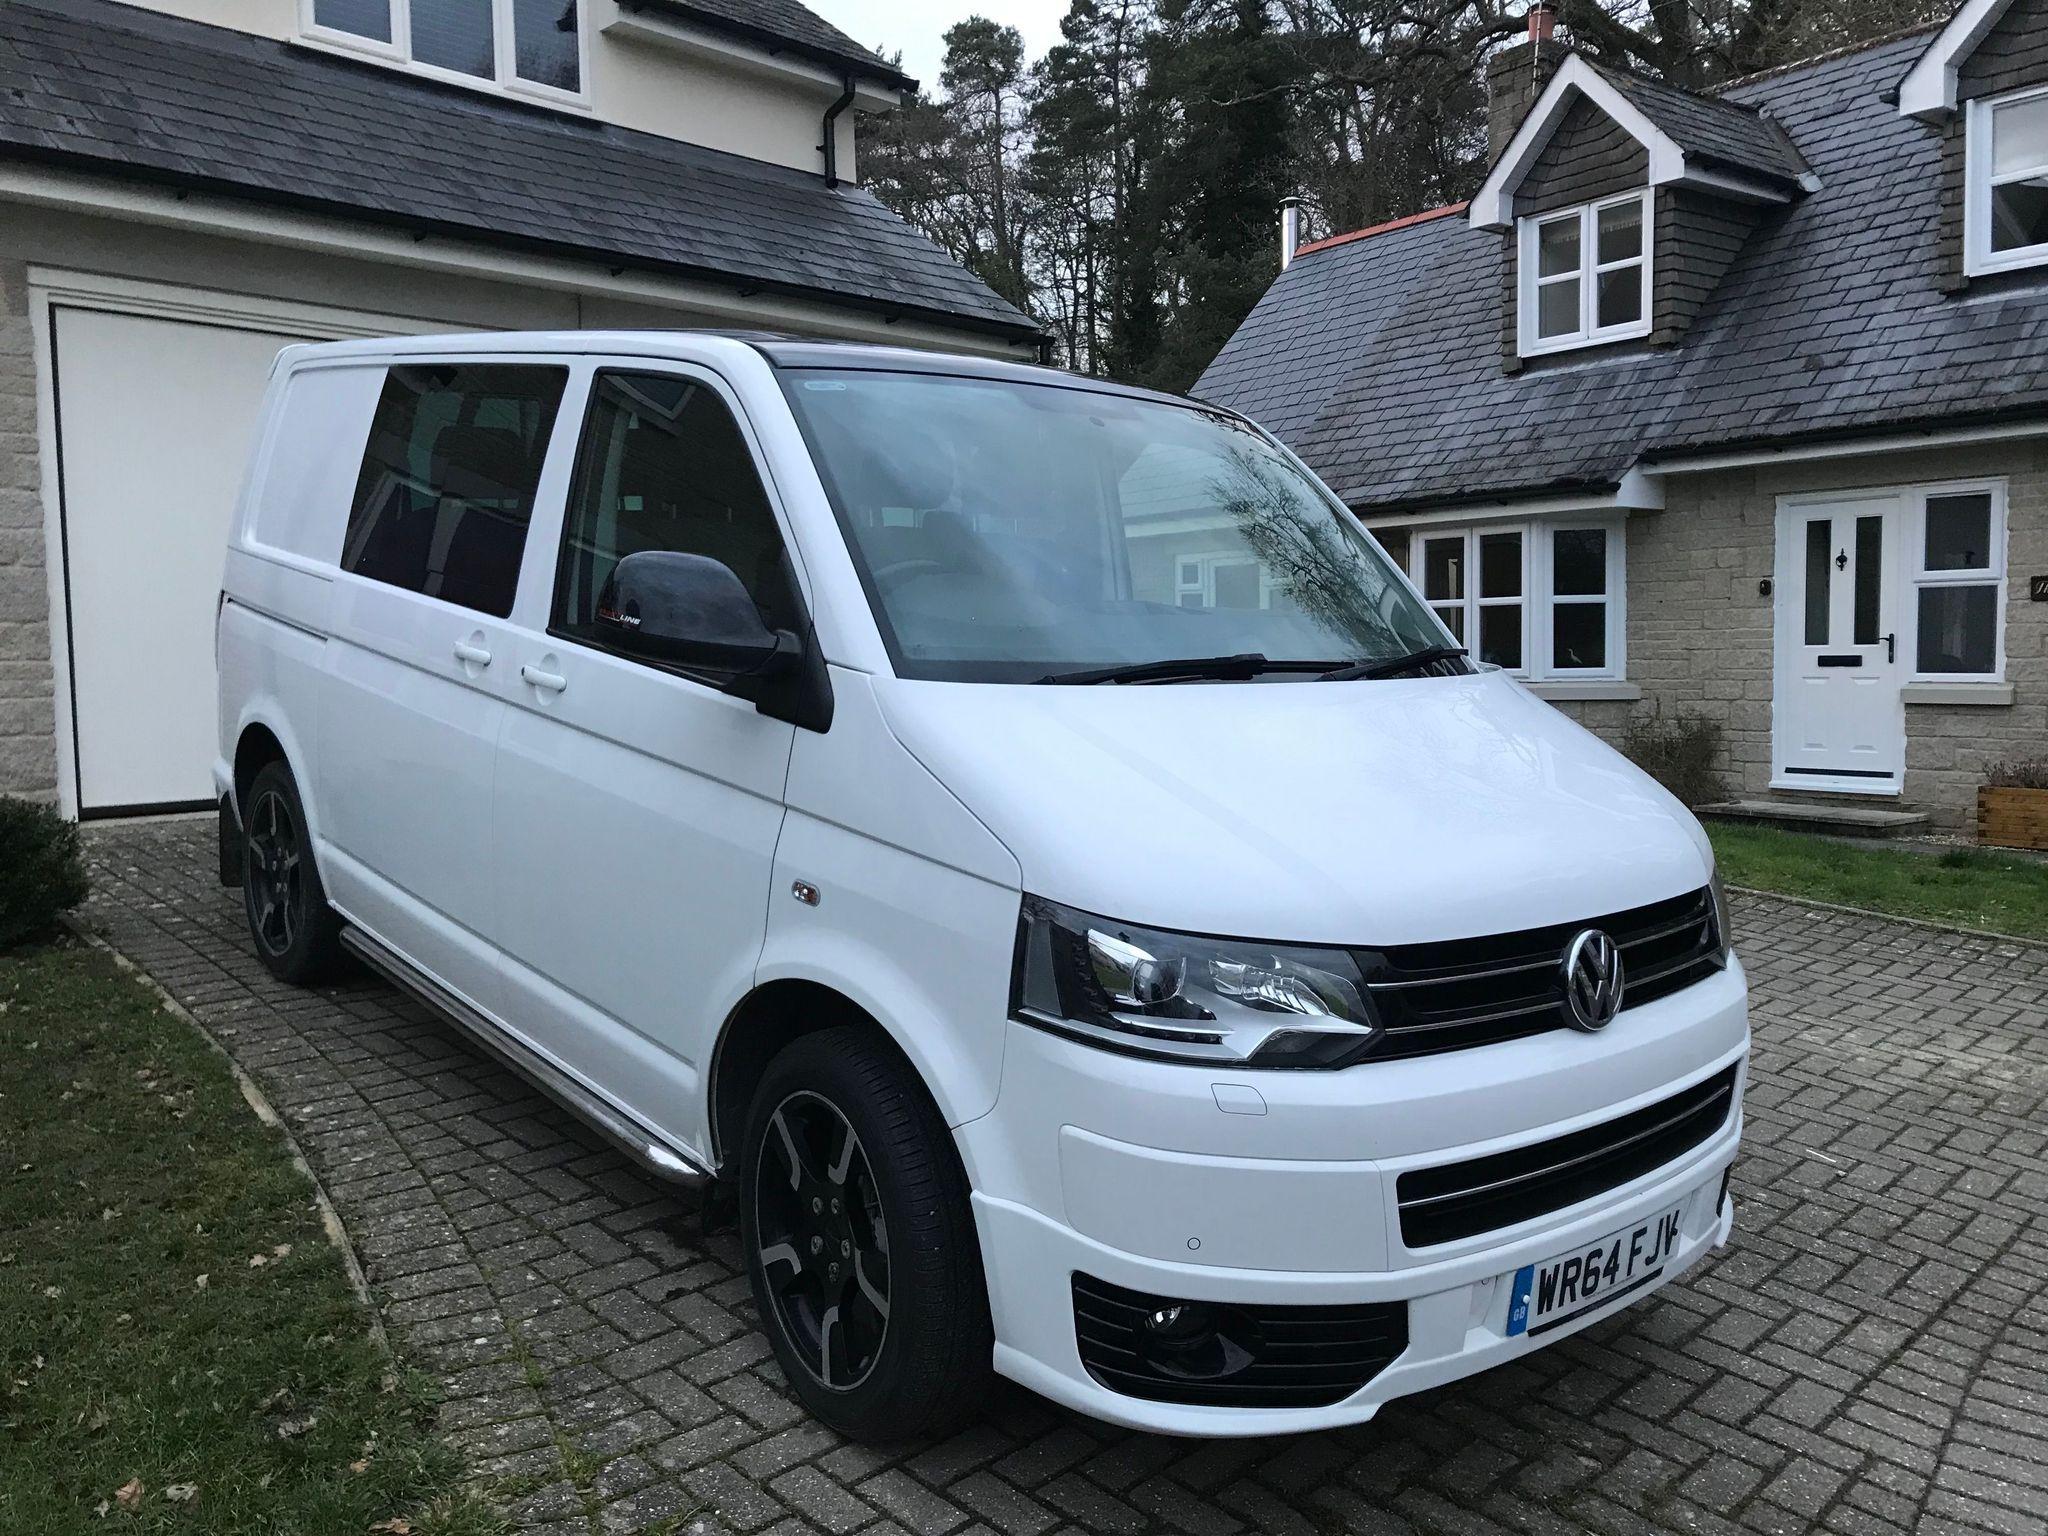 Price £23,500. This VW Sportline Kombi van is of a very